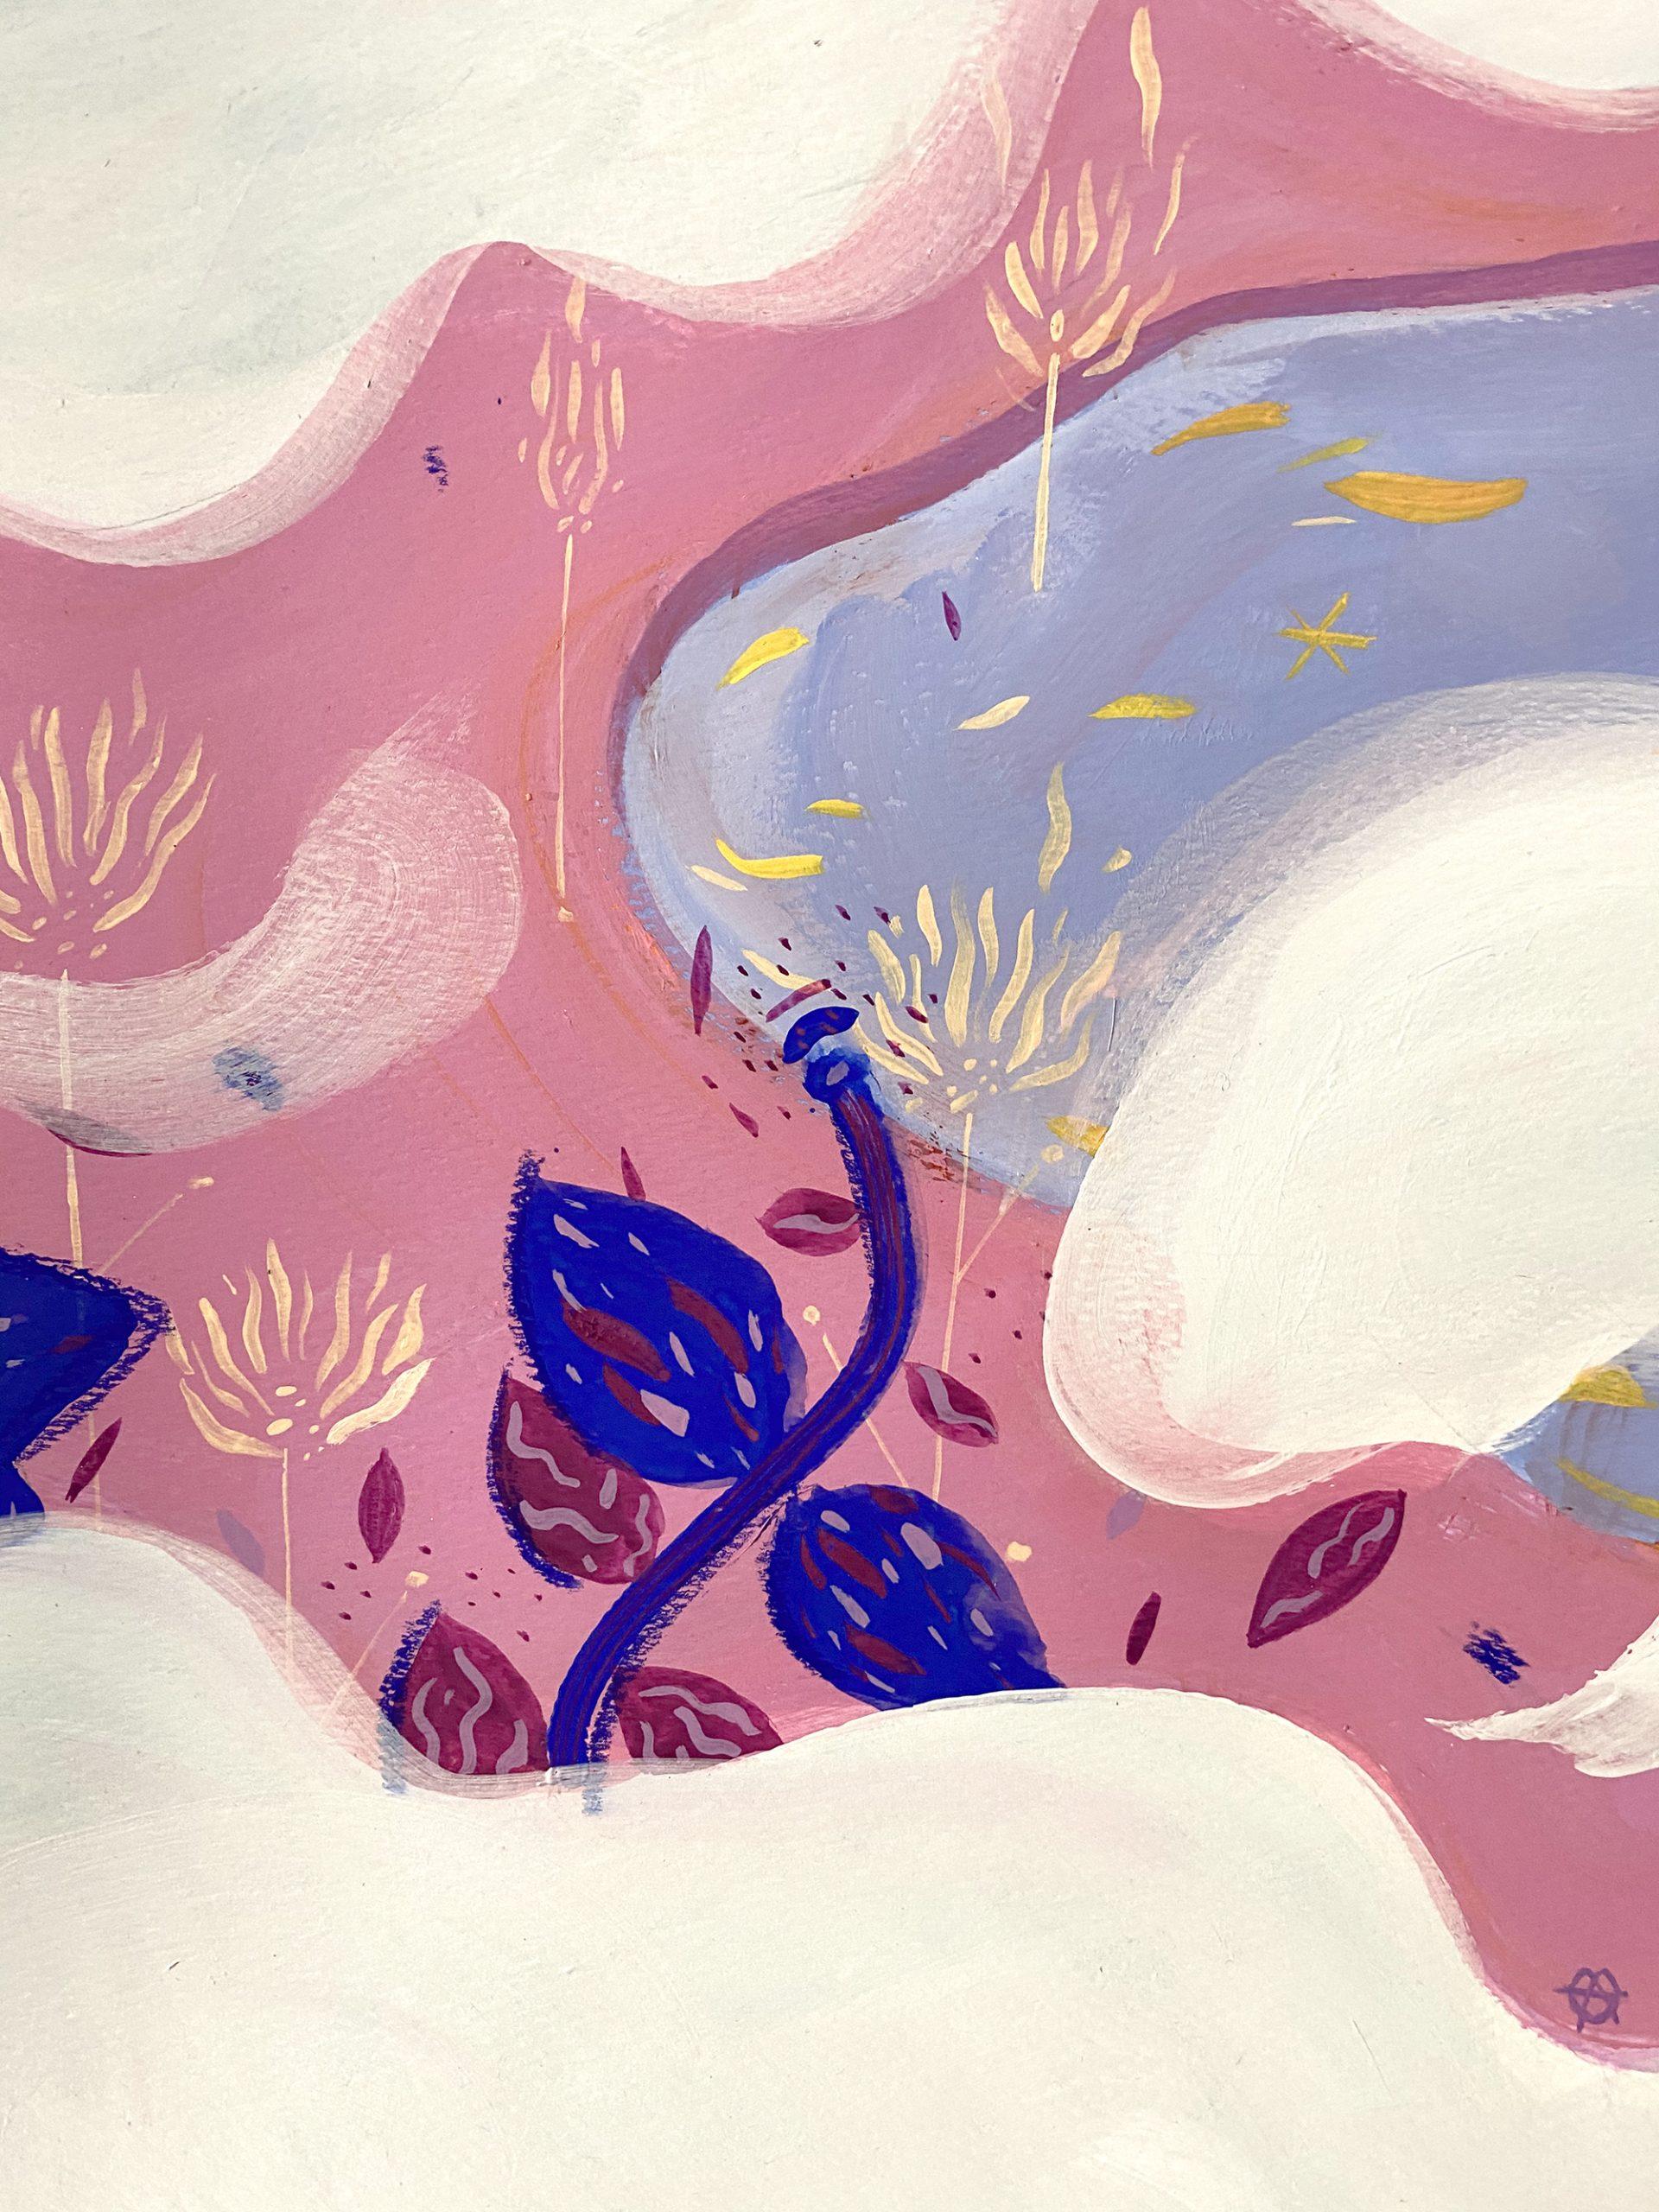 solomonar-plants-clouds-detail-allistration-art